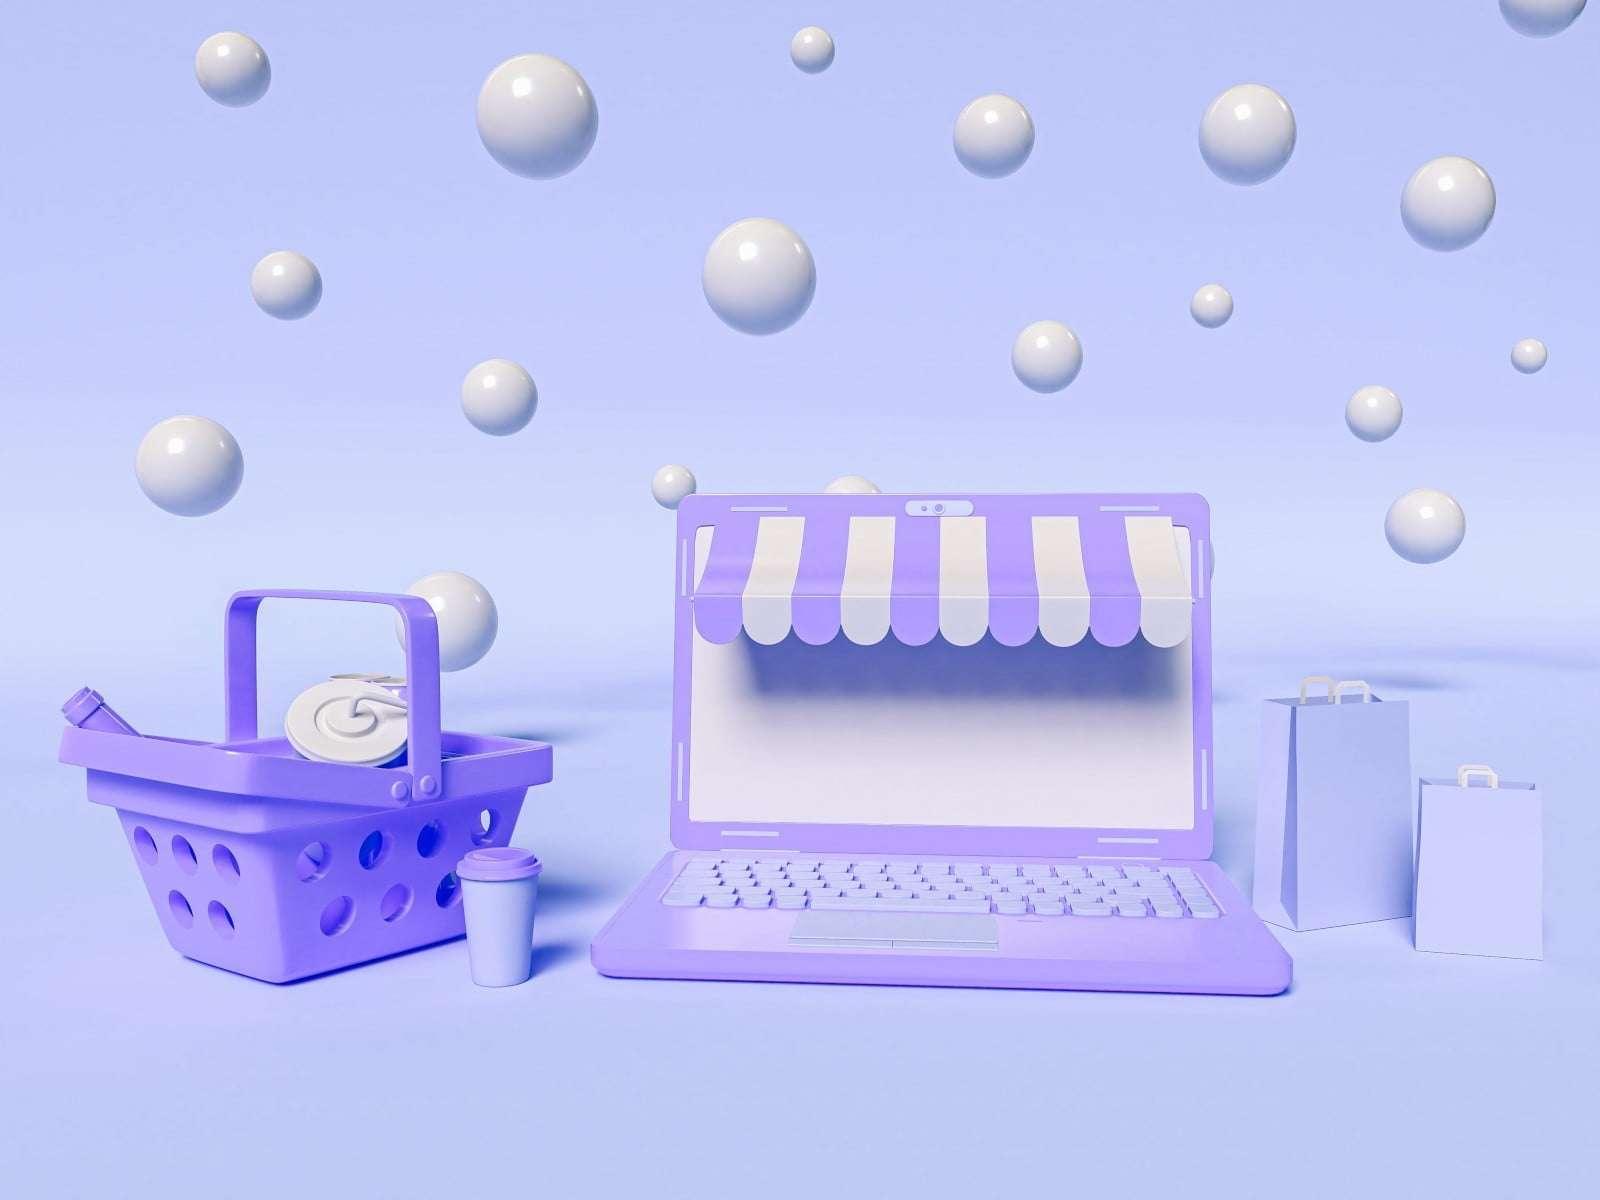 Jak przyciągnąć uwagę do mojego sklepu e-commerce?